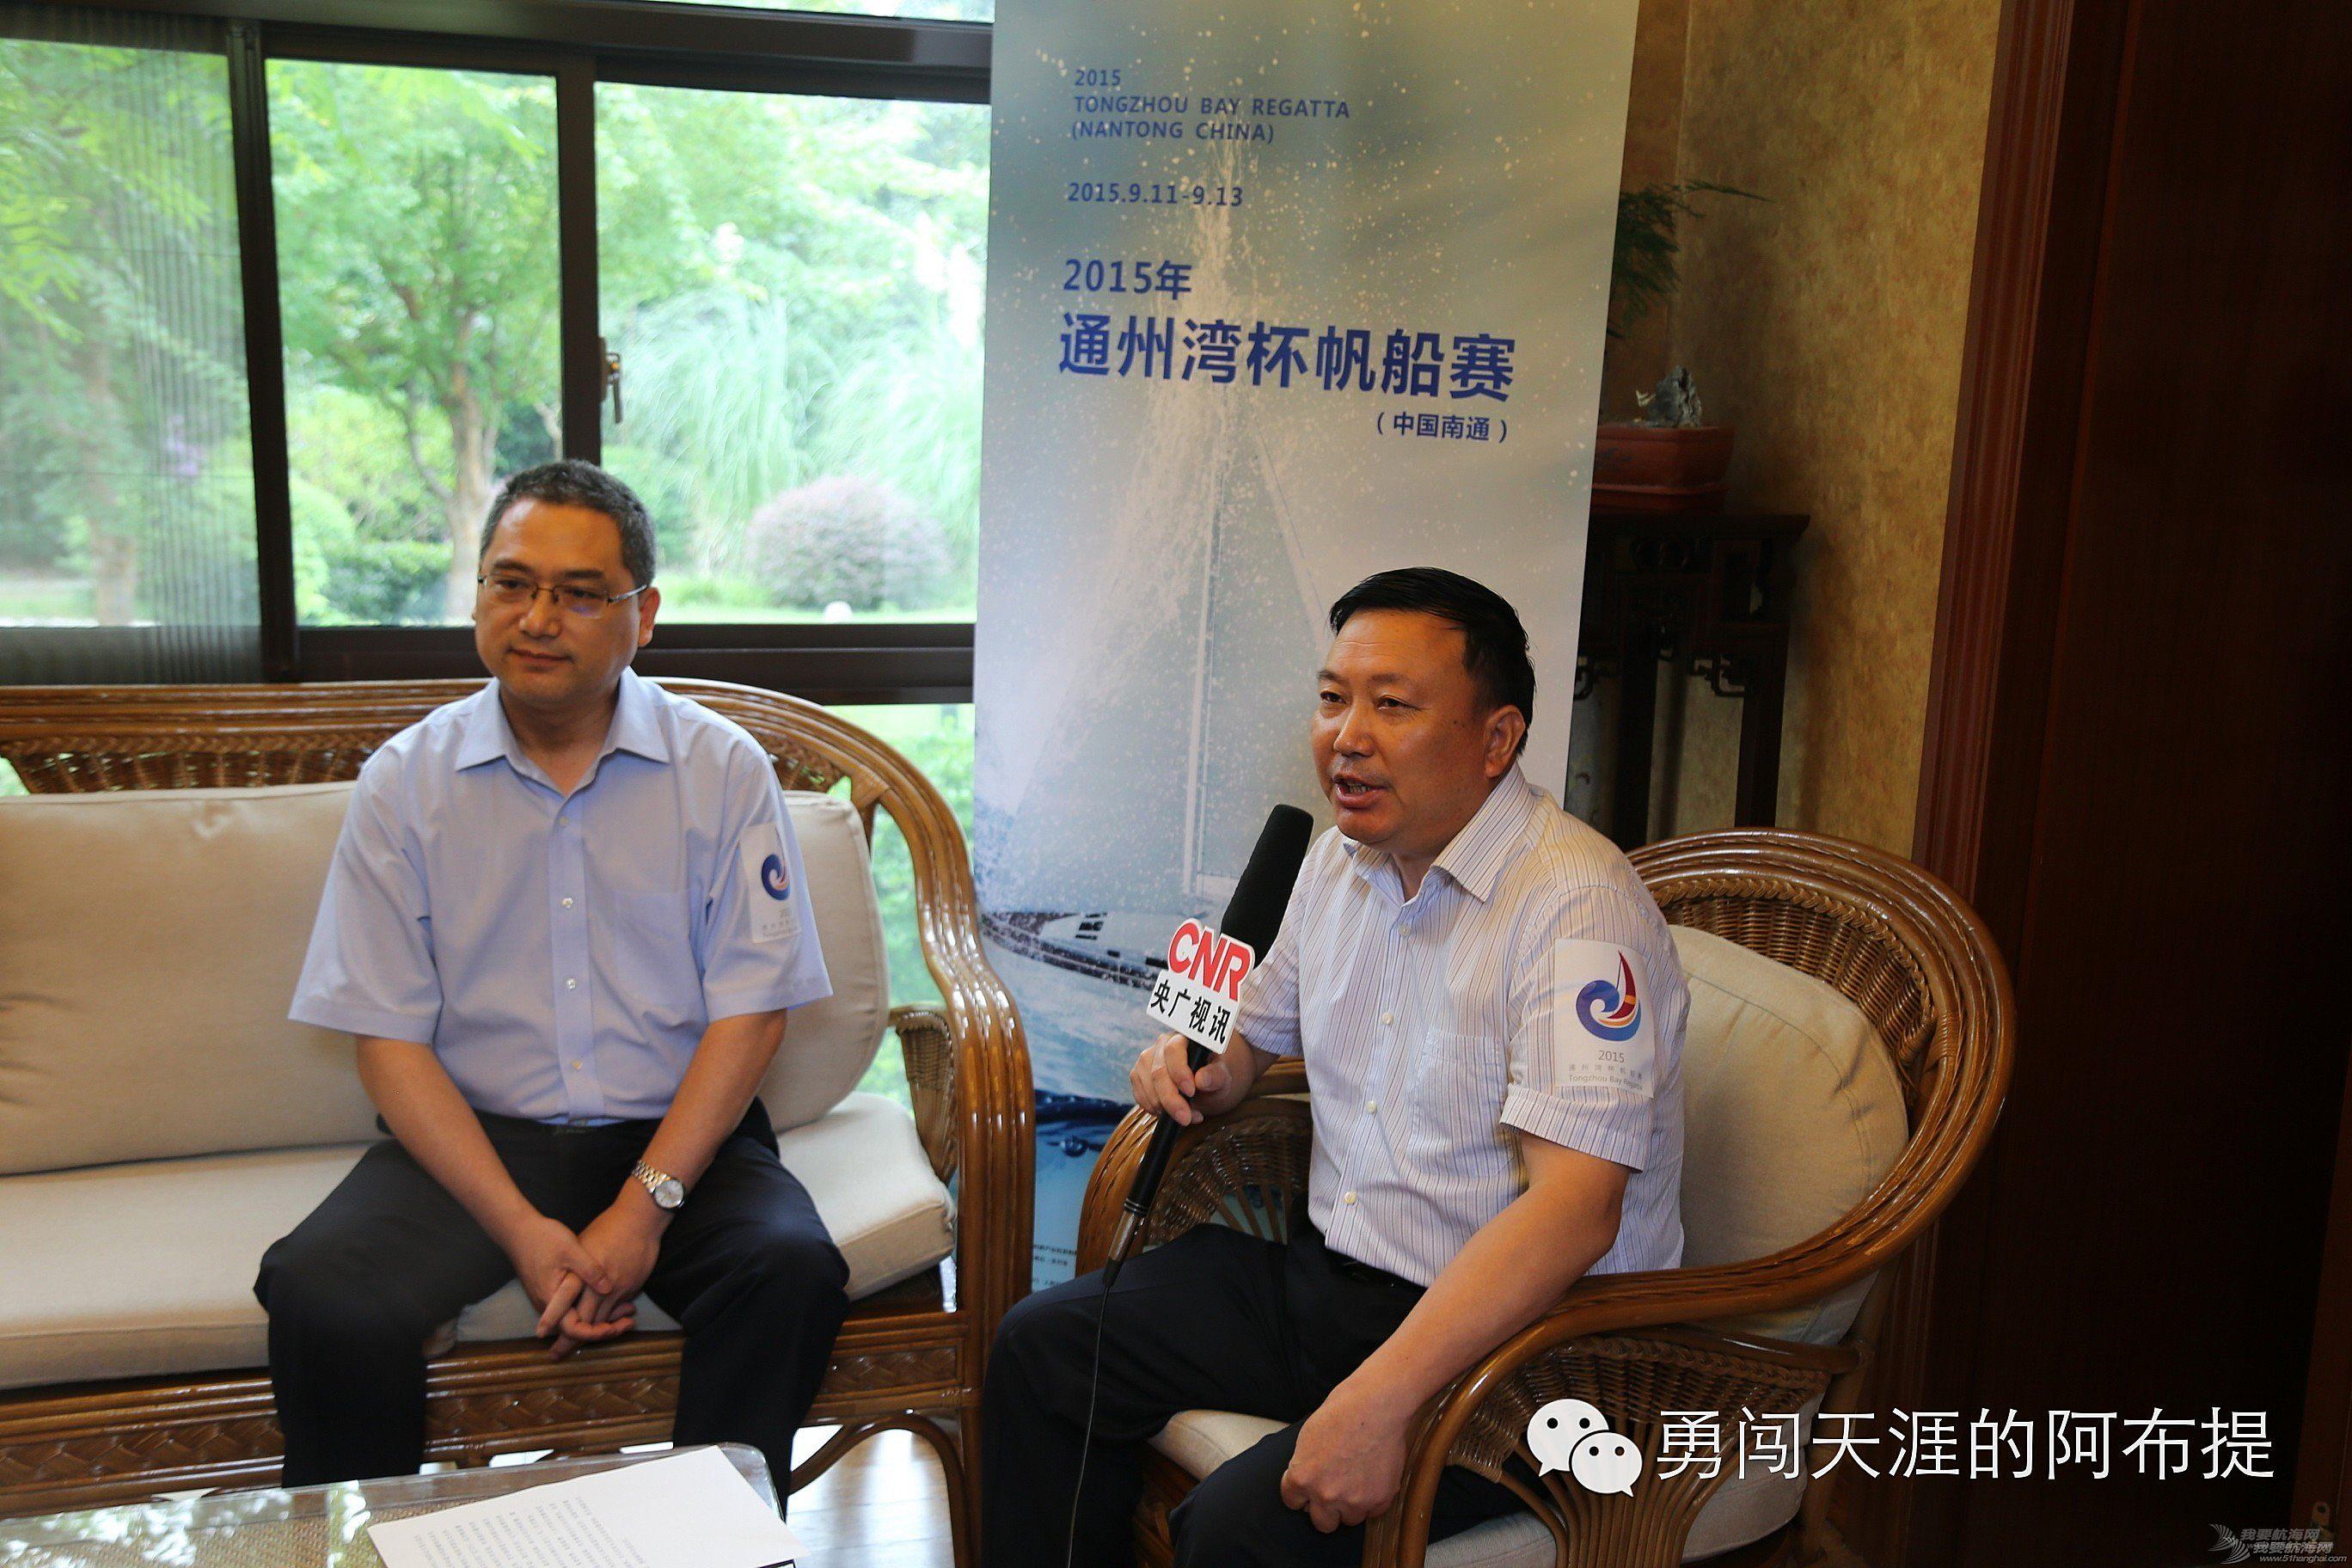 """新闻发布会,江苏省,水上运动,合作伙伴,示范区 """"通州湾杯""""帆船赛9月启航,带着支付宝出海。"""